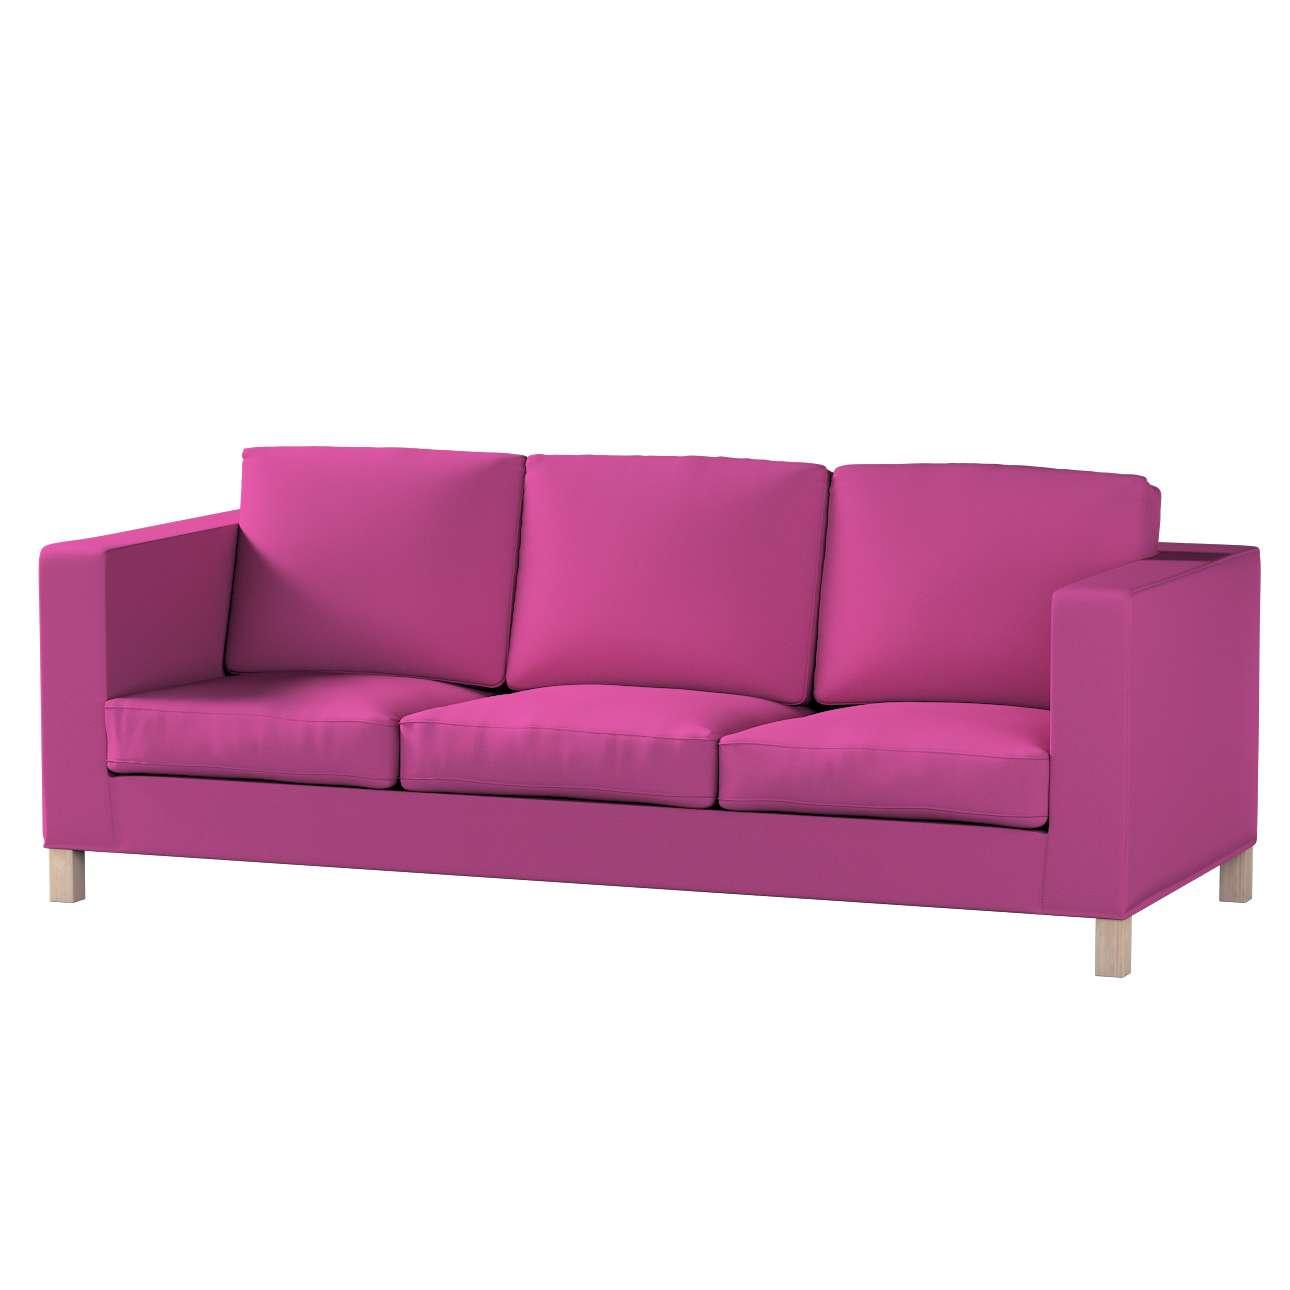 KARLANDA trivietės sofos užvalkalas KARLANDA trivietės sofos užvalkalas kolekcijoje Etna , audinys: 705-23